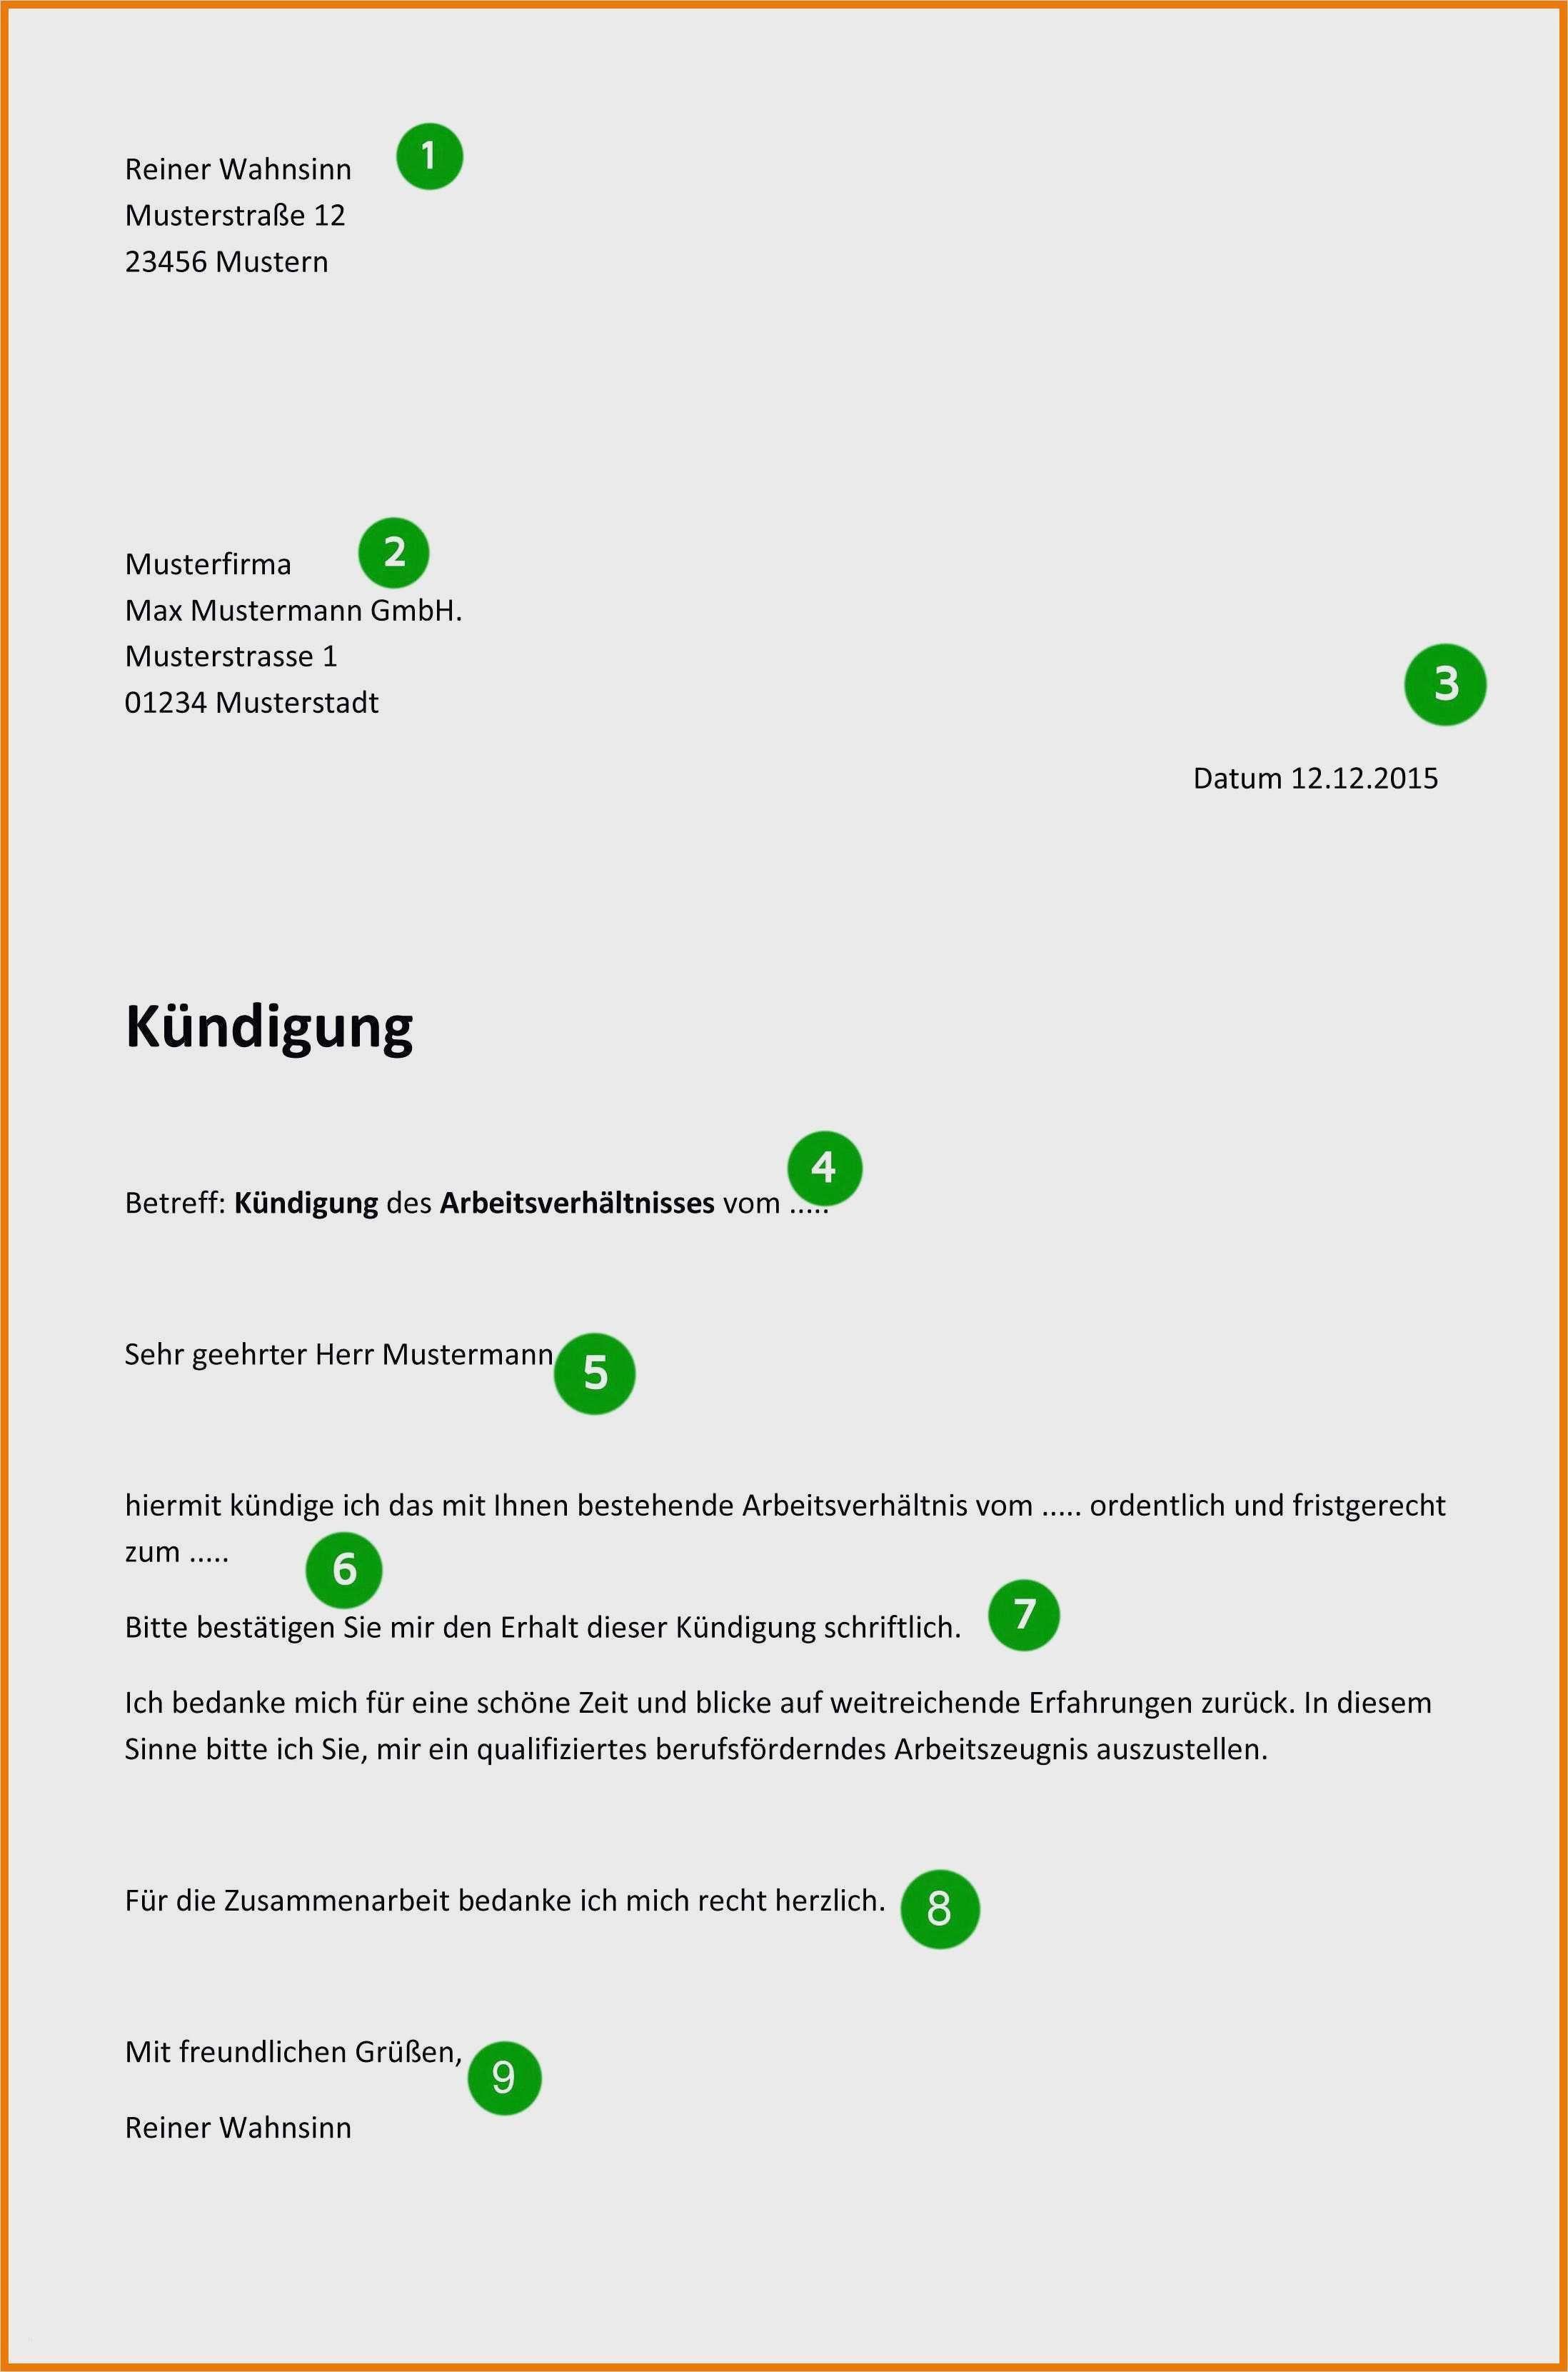 25 Hubsch Vorlage Anderung Bankverbindung Arbeitgeber Ebendiese Konnen Einstellen Fur Ihre Wi In 2020 Vorlagen Briefkopf Vorlage Flugblatt Design